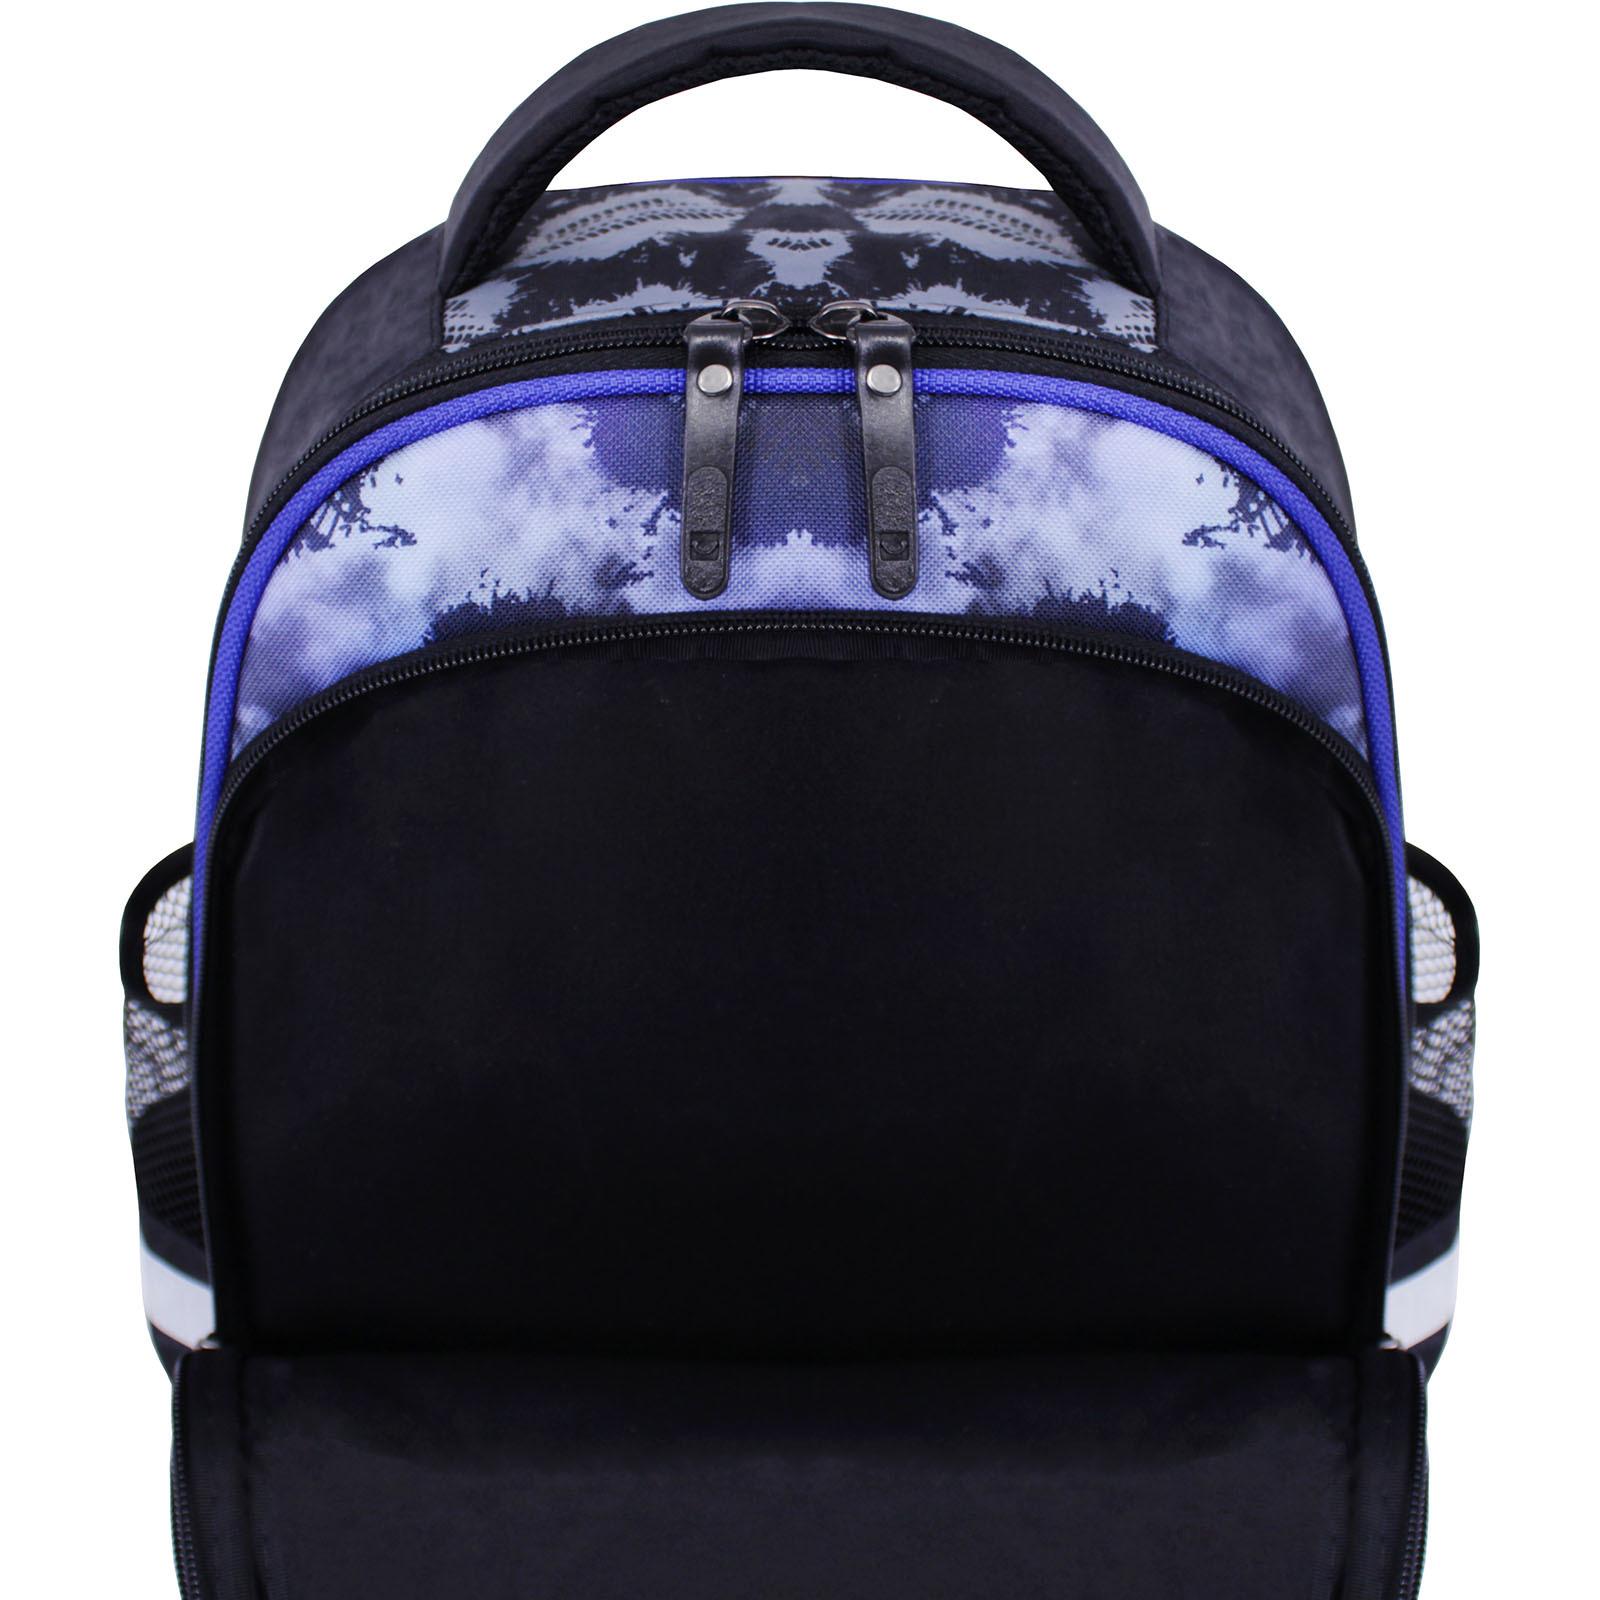 Рюкзак школьный Bagland Mouse черный 505 (0051370) фото 4